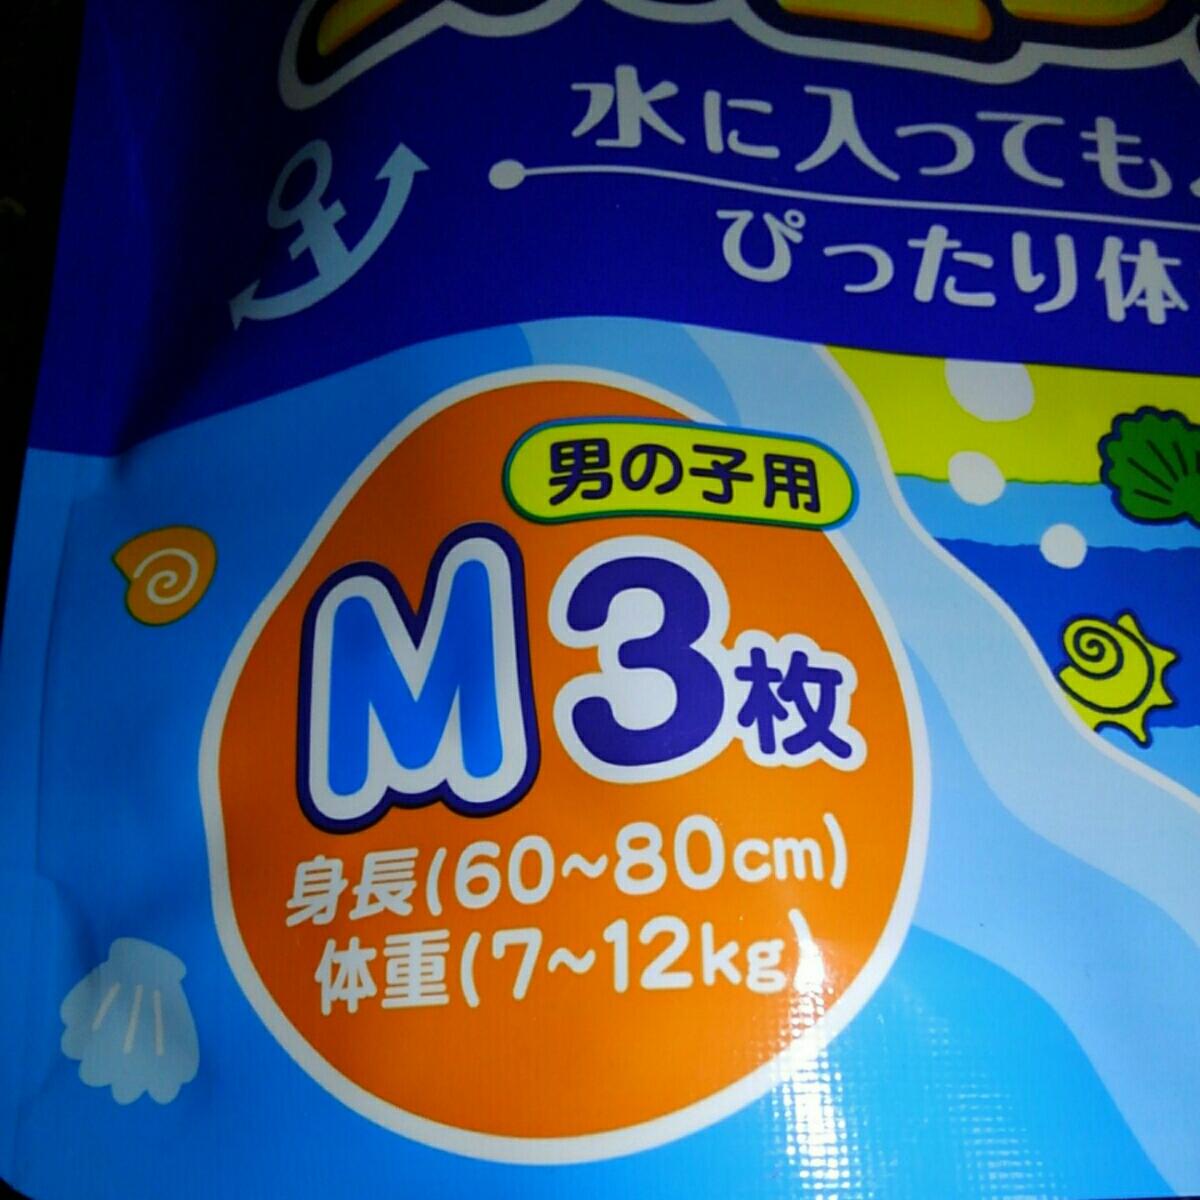 【未開封】グーン(GOON) スイミングパンツ 水遊び用♪Mサイズ(7~12kg ) 男の子用 3枚×4袋=12枚♪②_画像2